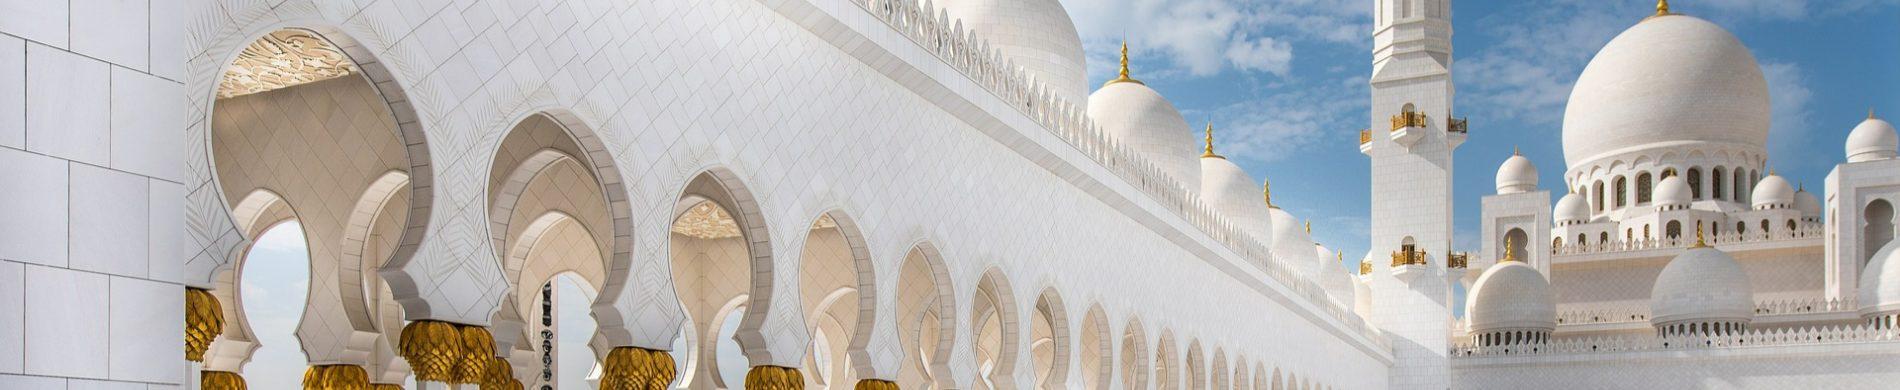 Emirats Arabes Unis - Les Matins du Monde